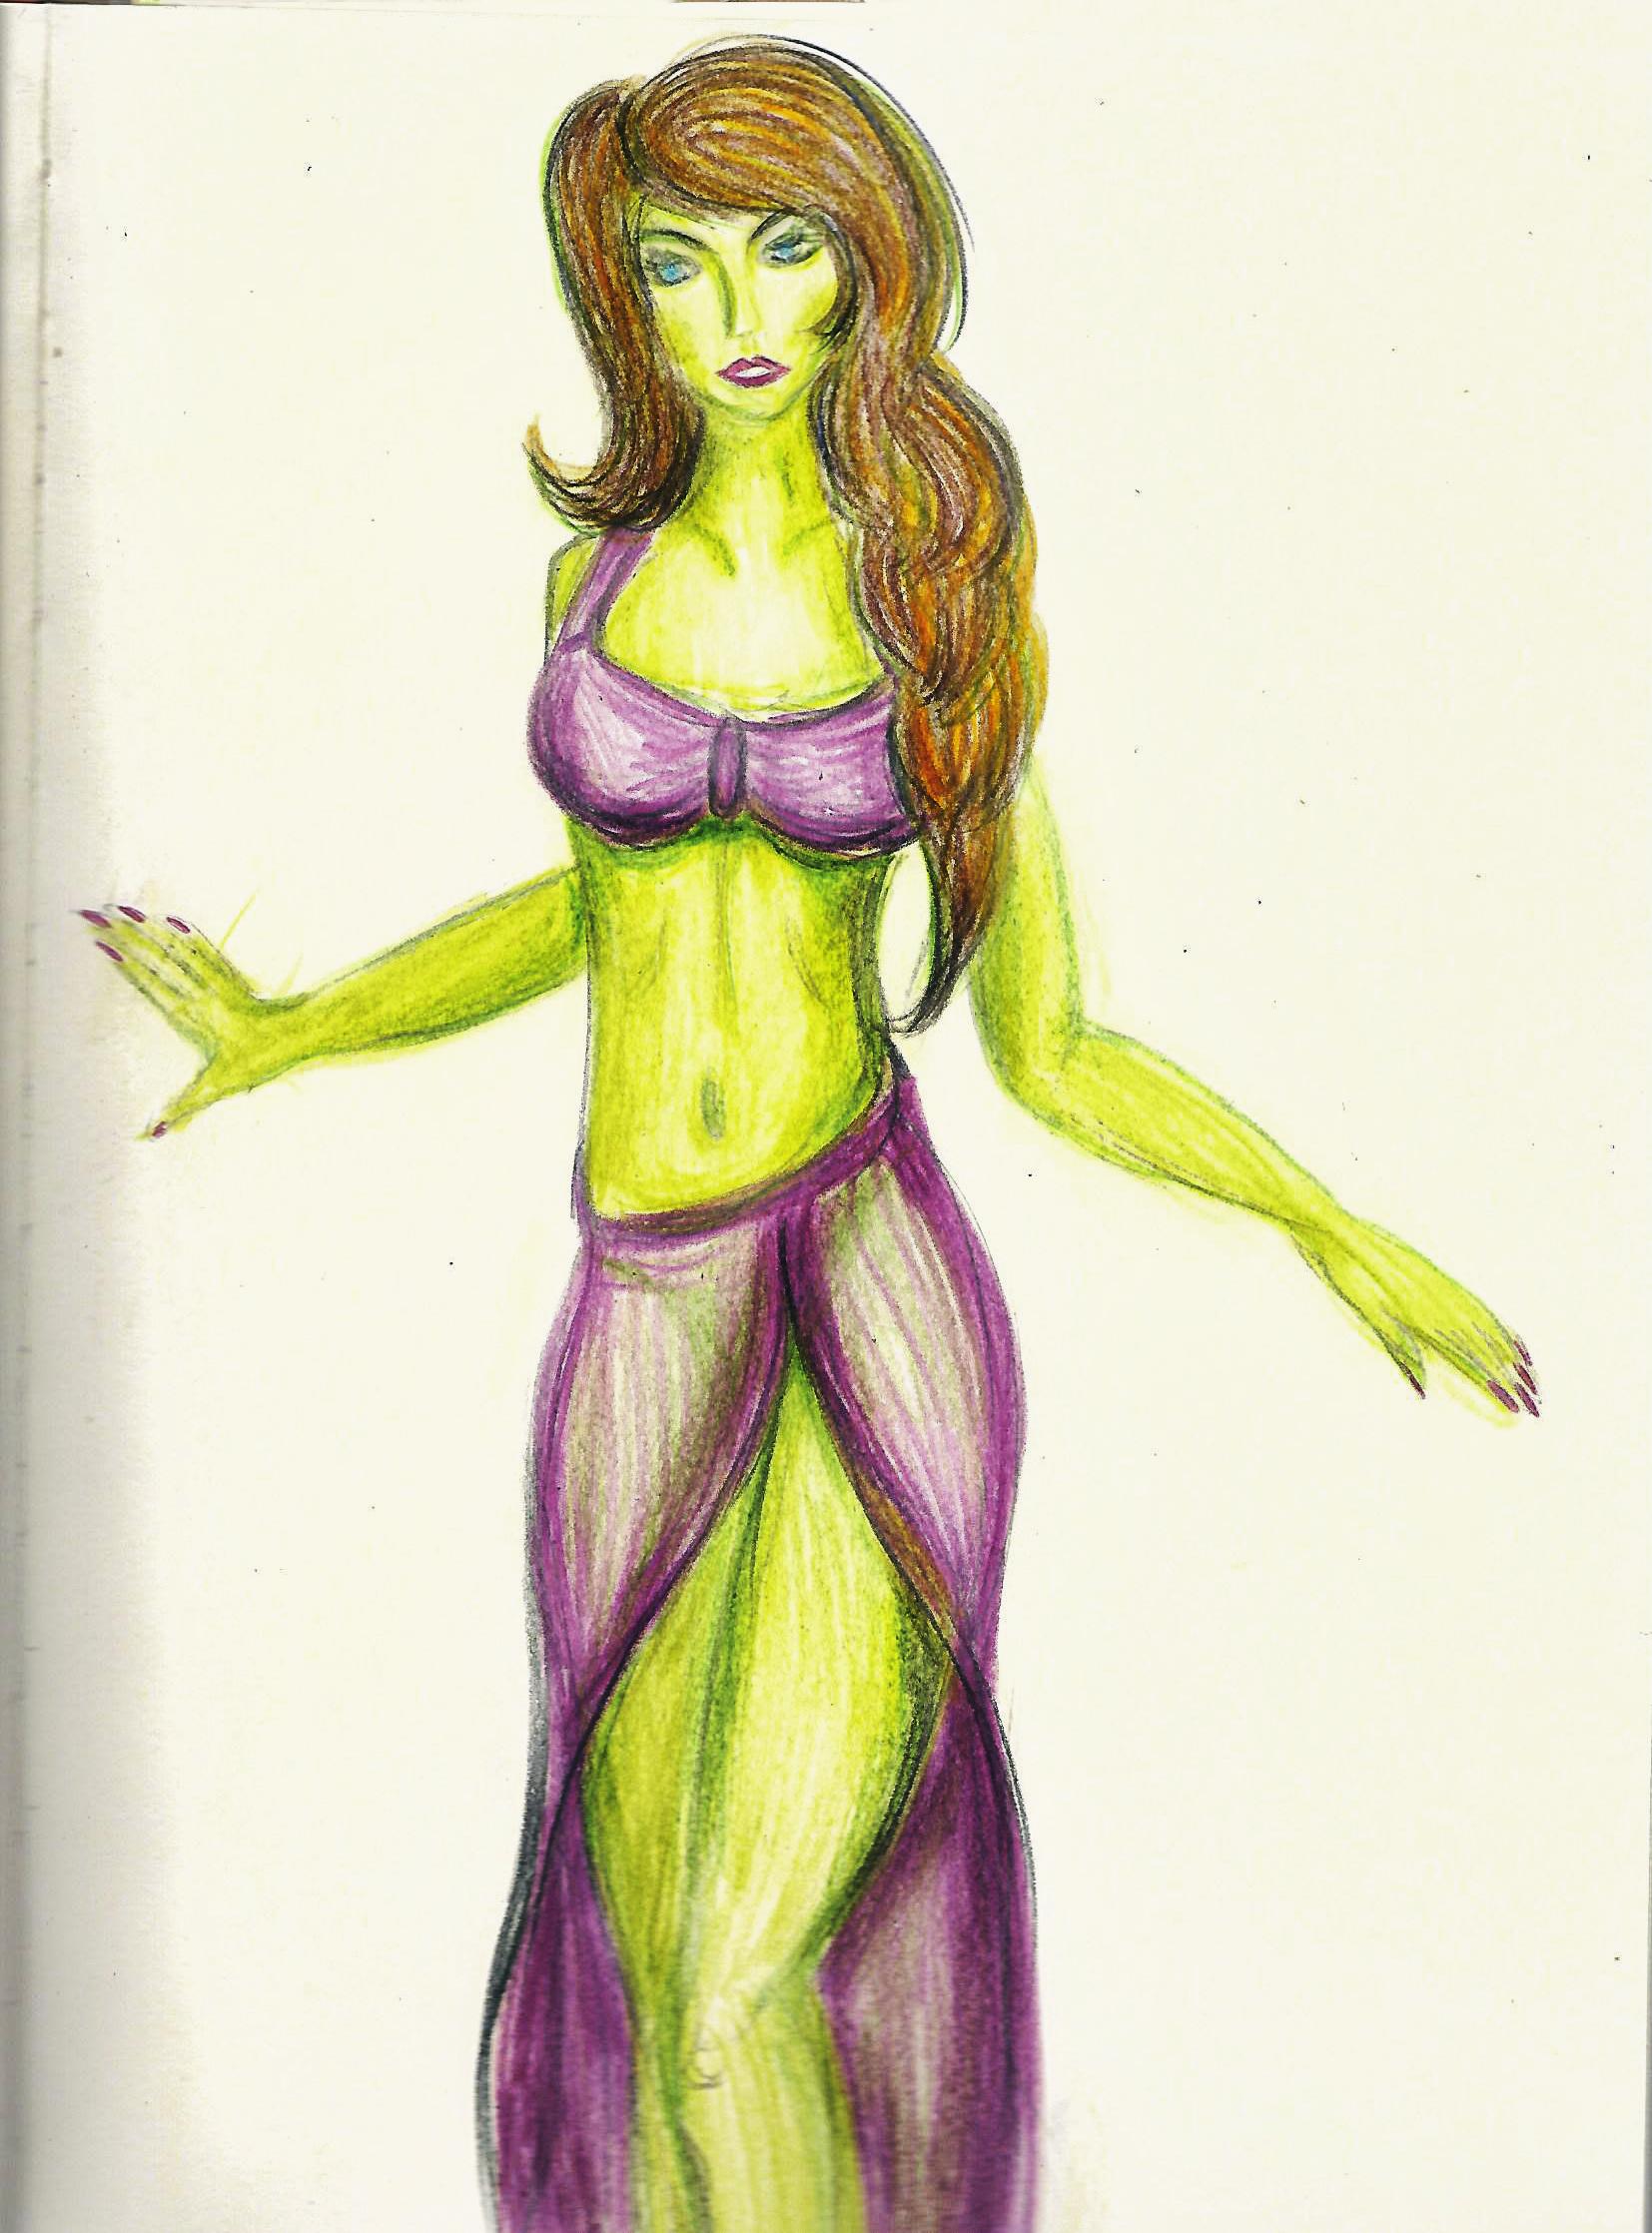 Orion dancer